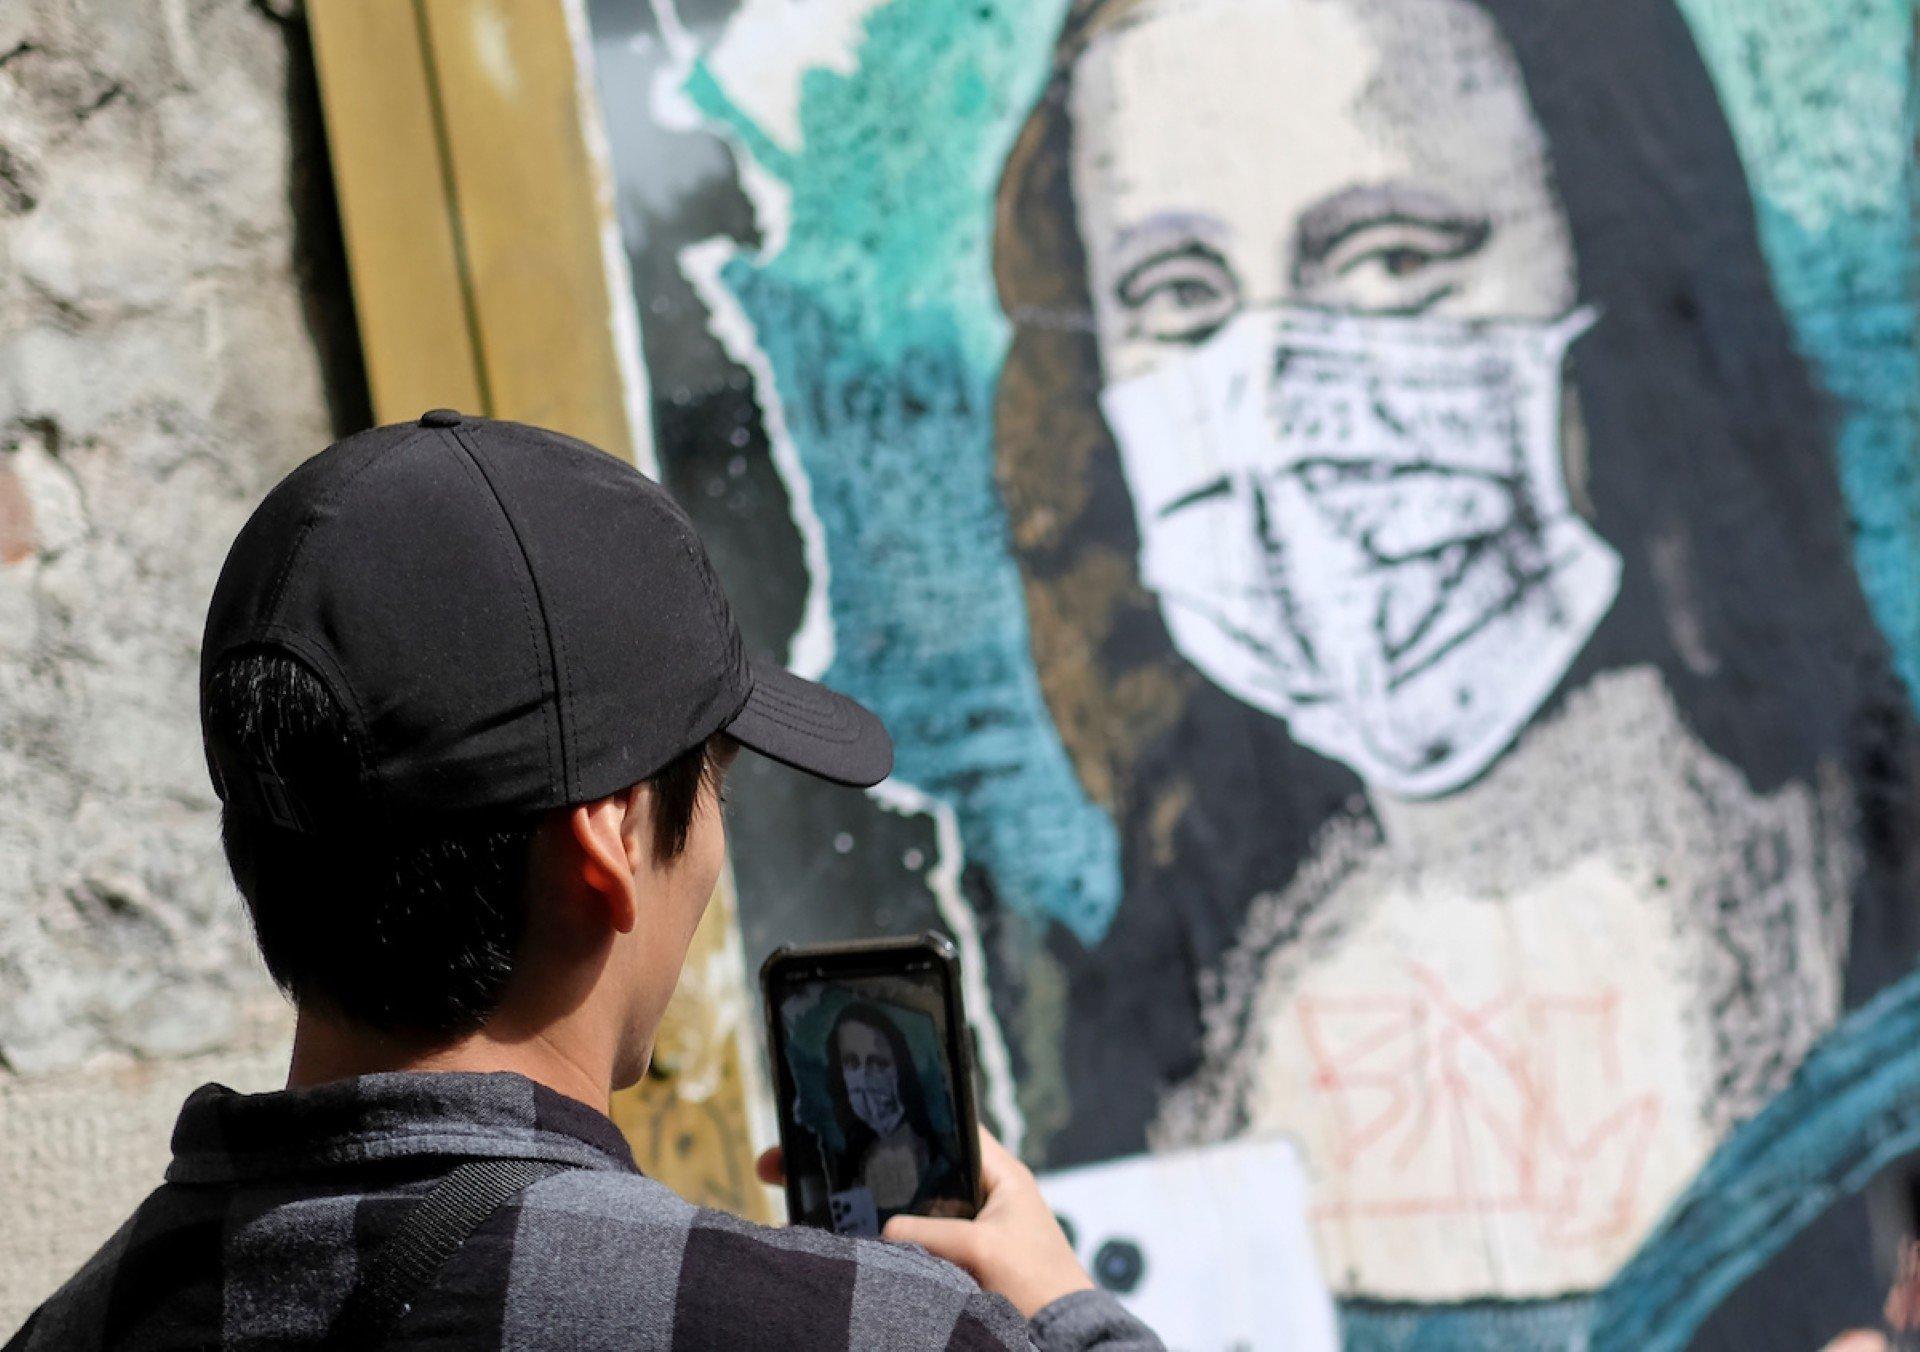 Ковидные маски на старых портретах взорвали Instagram